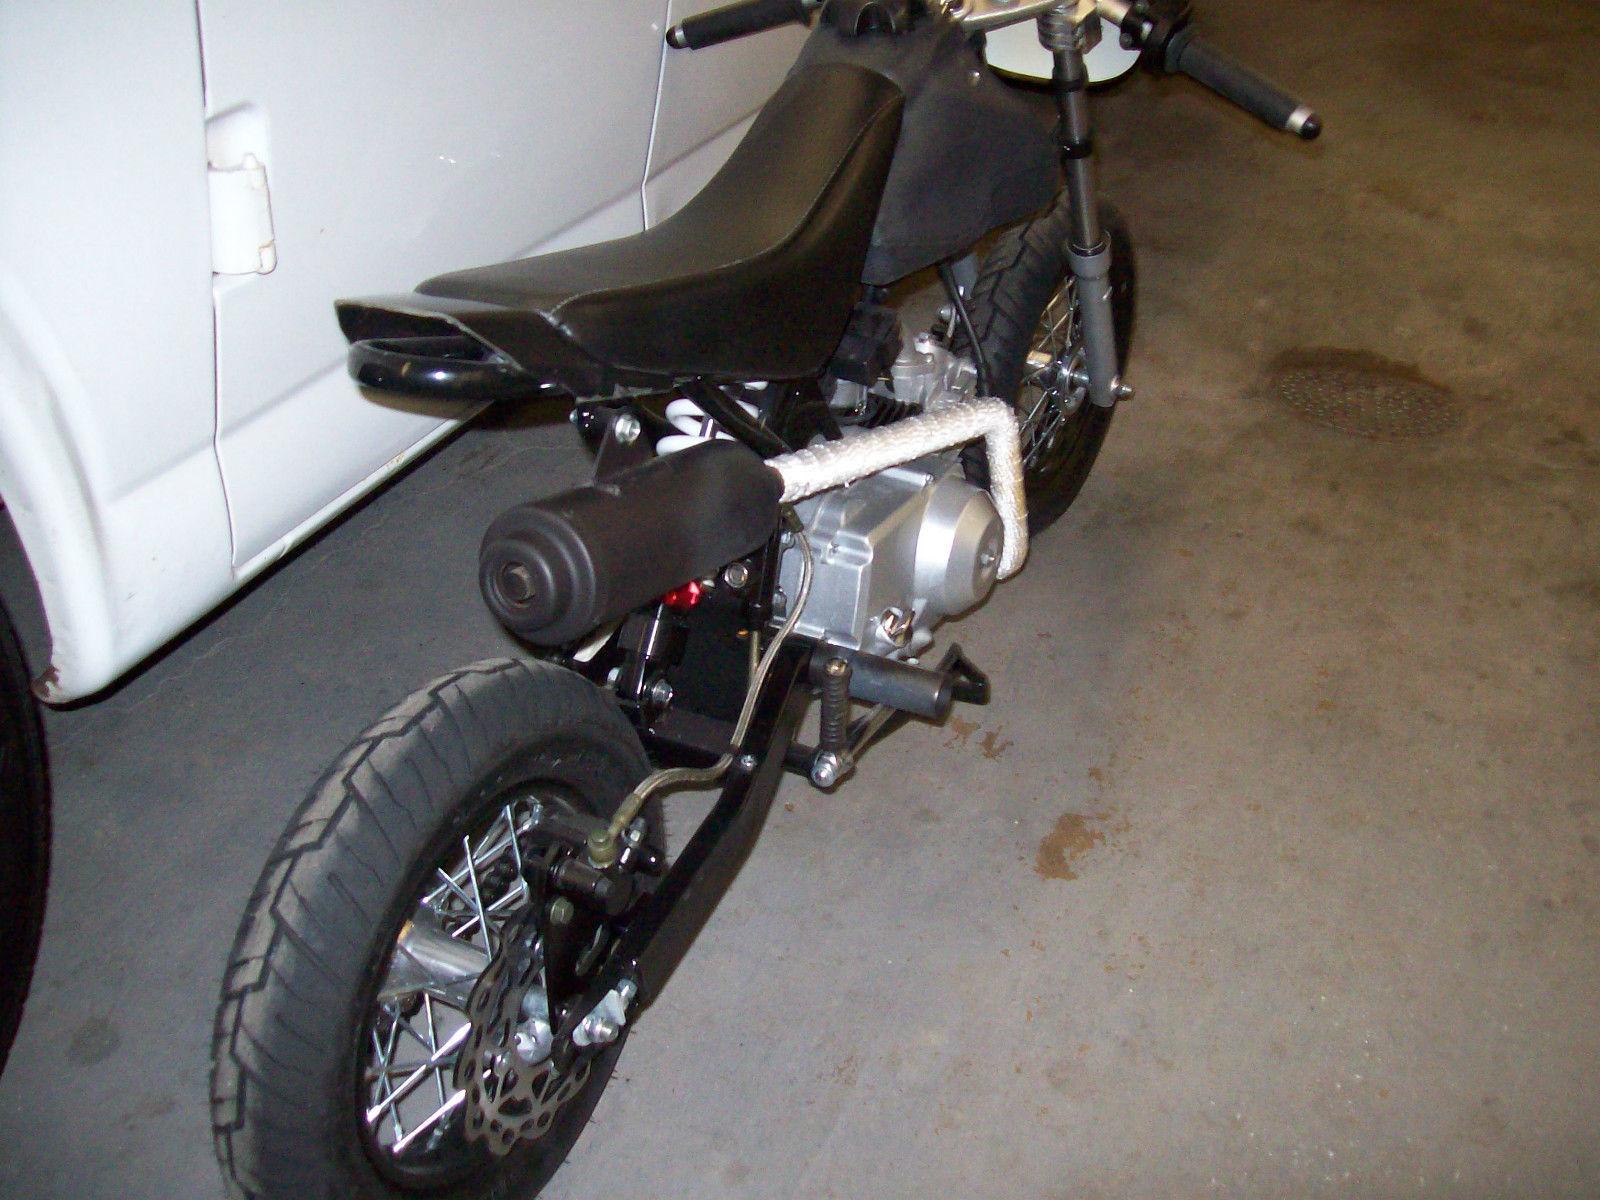 Ssr Pit Bike Honda Crf Mini Bike Cafe Racer Mini Trail Minibike Pitbike on 1971 Honda Ct70